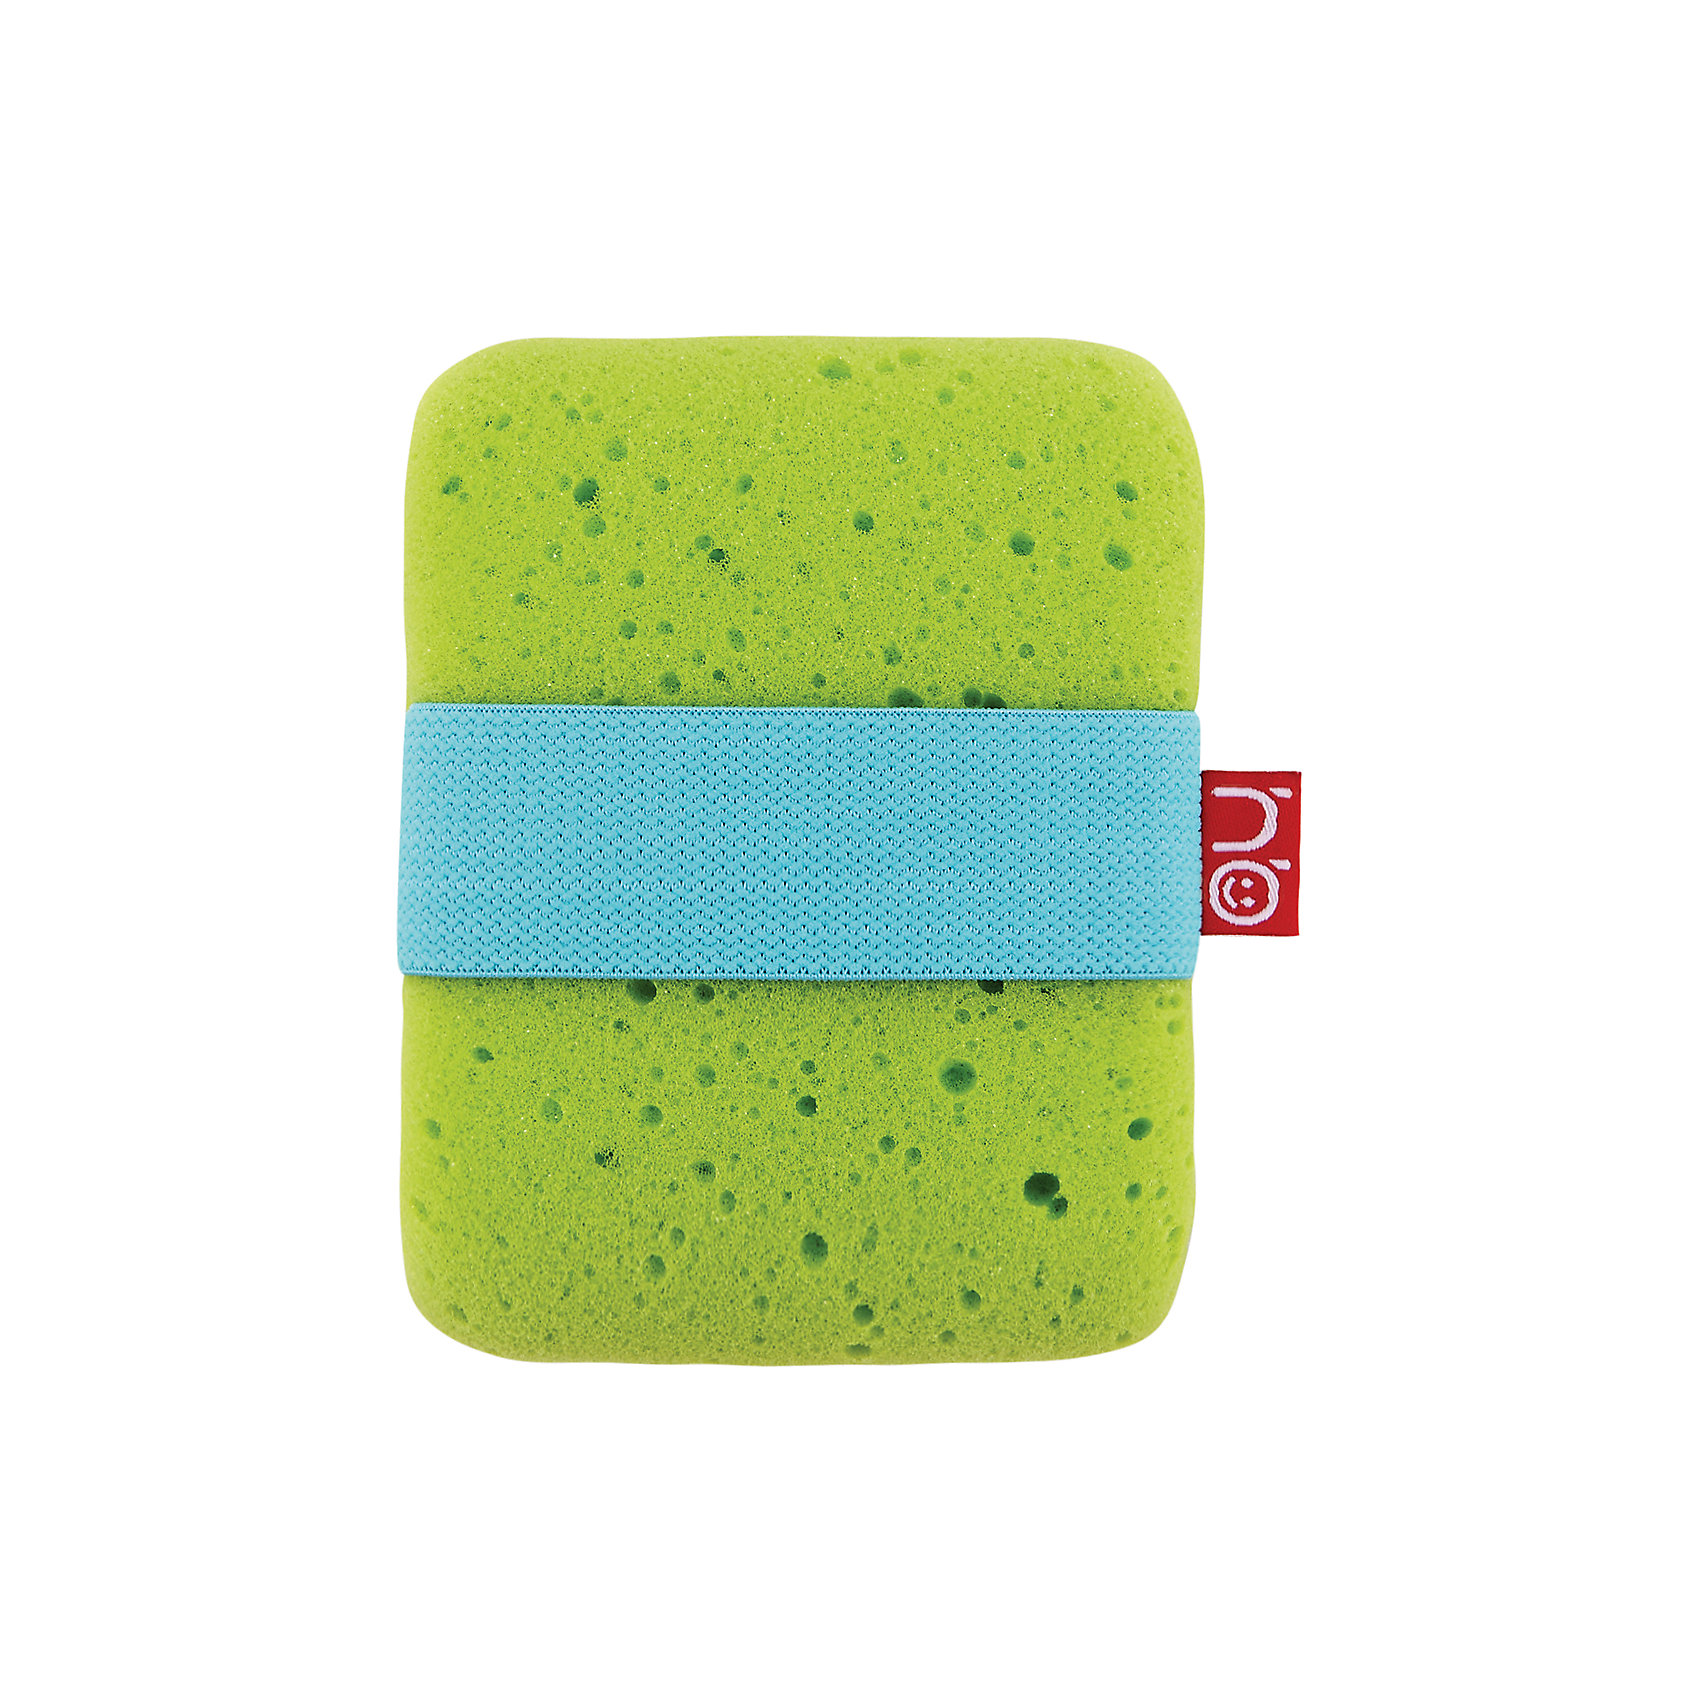 Мочалка с эластичным фиксатором Sponge, Happy Baby, зелёныйПолотенца, мочалки, халаты<br>Мягкая мочалка разработана специально для нежной кожи малыша. Прекрасно подходит для новорожденных. Благодаря высококачественному мягкому материалу, из которого сделана мочалка SPONGE+, купание для вашего ребёнка станет ещё приятней. Эластичный материал внутри мочалки позволит плотно зафиксировать её на руке. Для большего удобства имеется маленький кармашек, в который можно при необходимости положить мыльце.<br><br>Дополнительная информация:<br><br>- материал: пенополиуретан<br>- размеры в упаковке: 16,5 х 25,5 х 19,5 см<br><br>Мочалку с эластичным фиксатором Sponge, Happy Baby, зелёную можно купить в нашем магазине.<br><br>Ширина мм: 165<br>Глубина мм: 255<br>Высота мм: 195<br>Вес г: 400<br>Возраст от месяцев: 0<br>Возраст до месяцев: 36<br>Пол: Унисекс<br>Возраст: Детский<br>SKU: 4012412